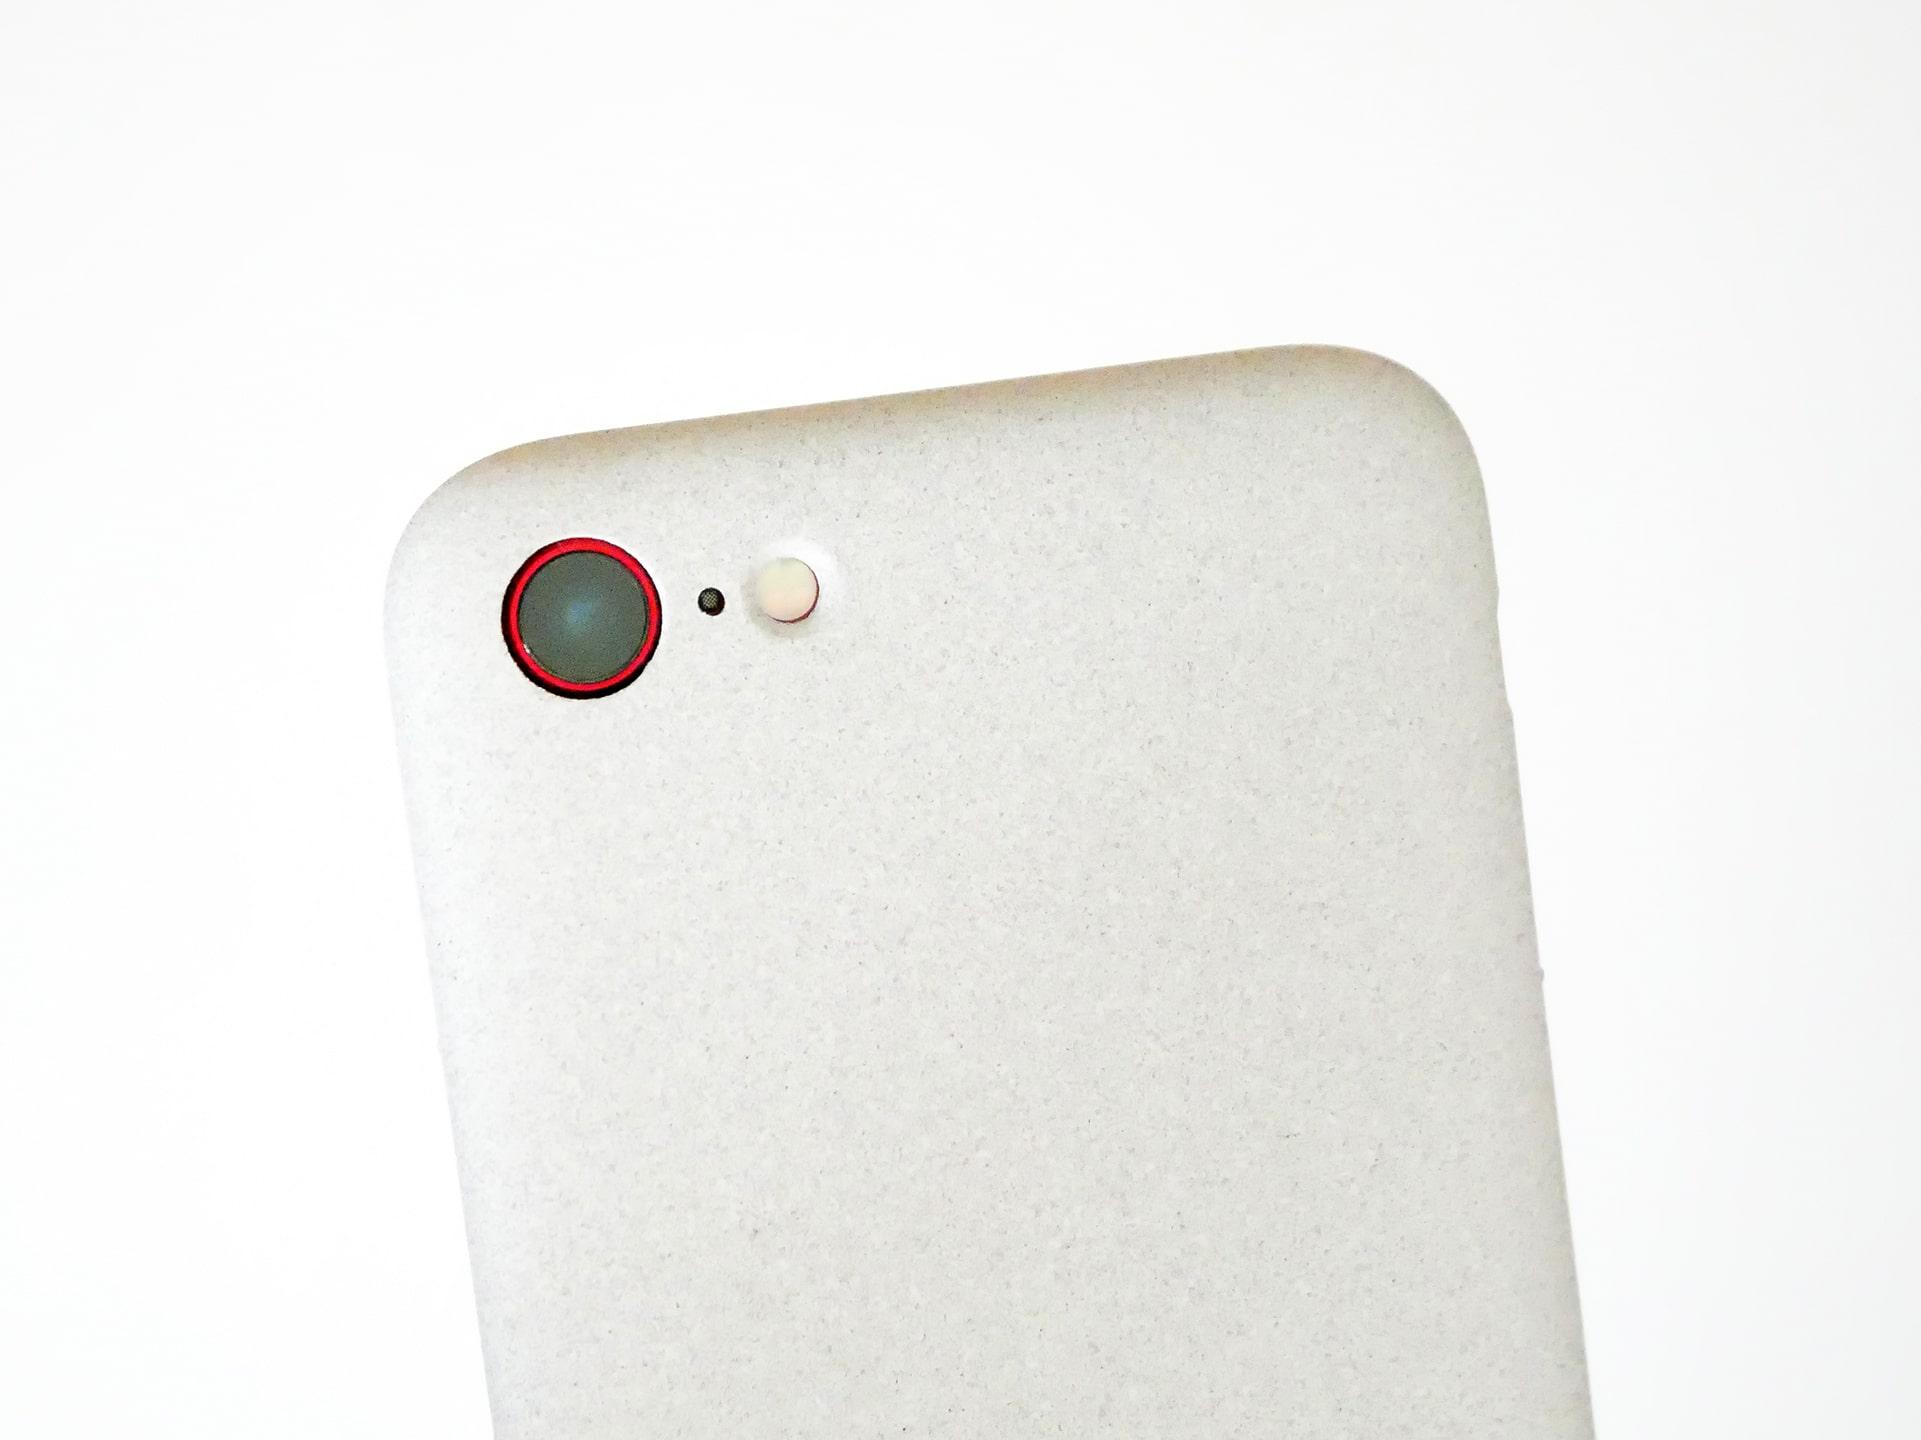 MYNUS iPhone SE CASE サンドグレー カメラ部分